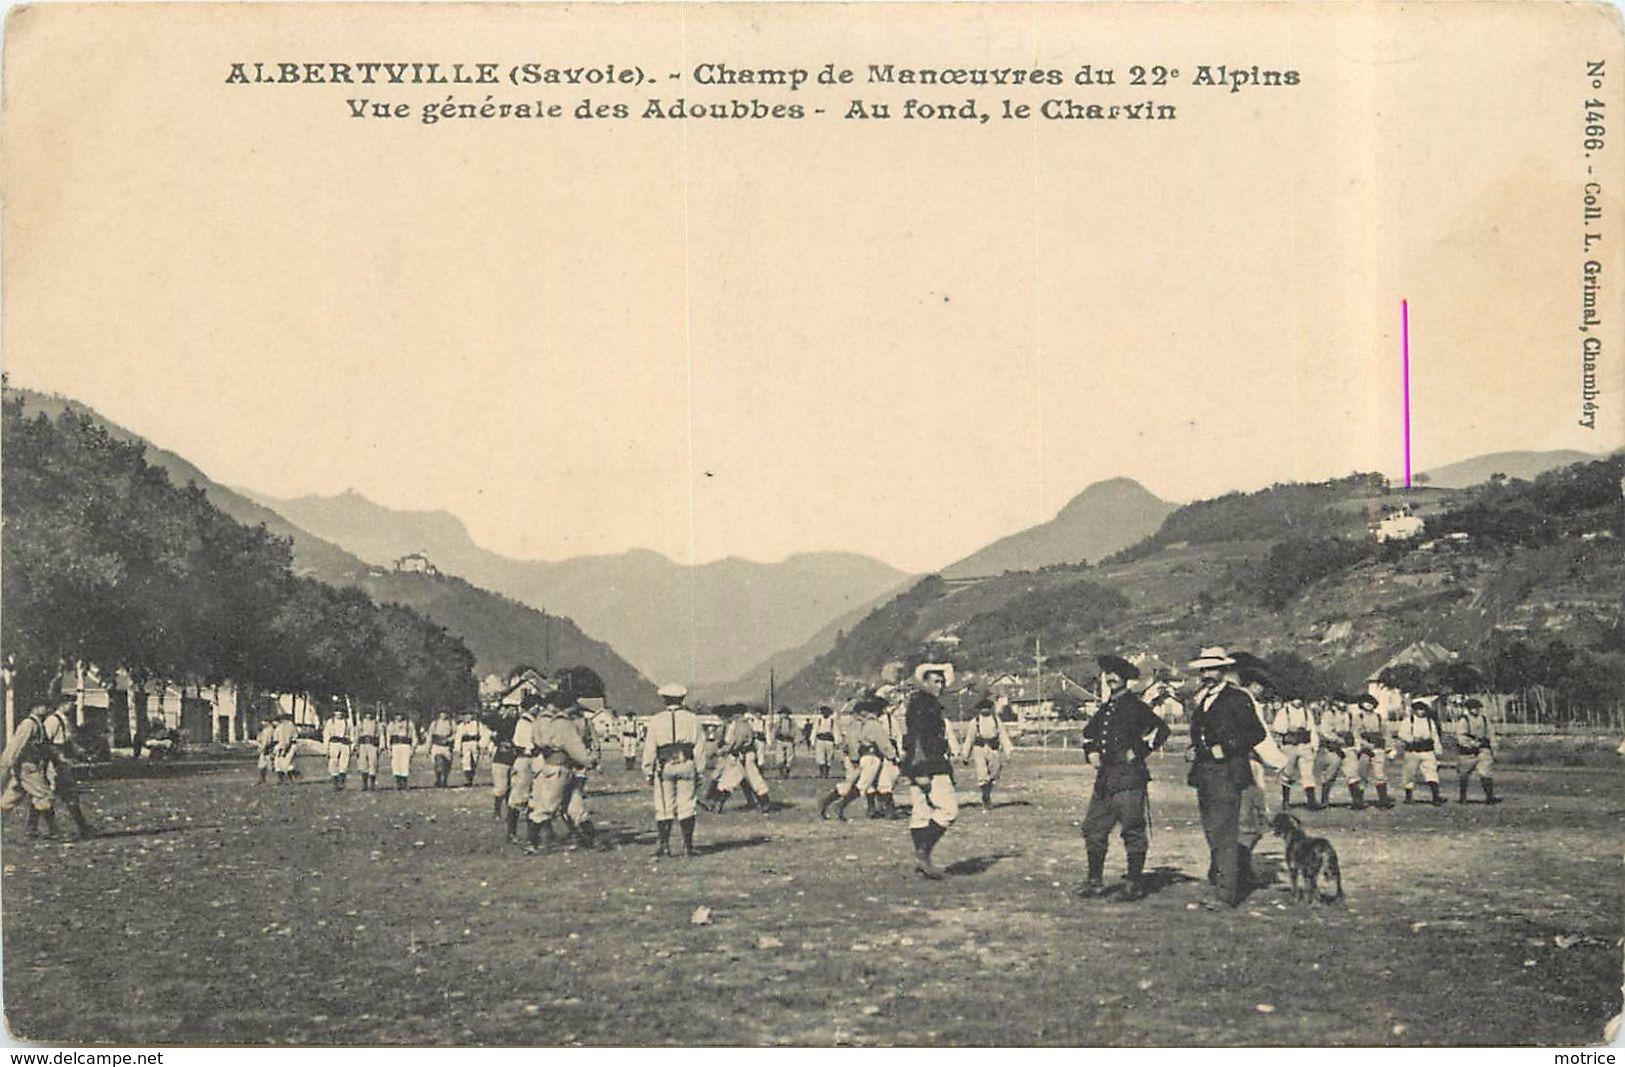 ALBERTVILLE - Champ De Manoeuvres Du 22 Alpins, Vue Générale Des Adoubbes. - Albertville